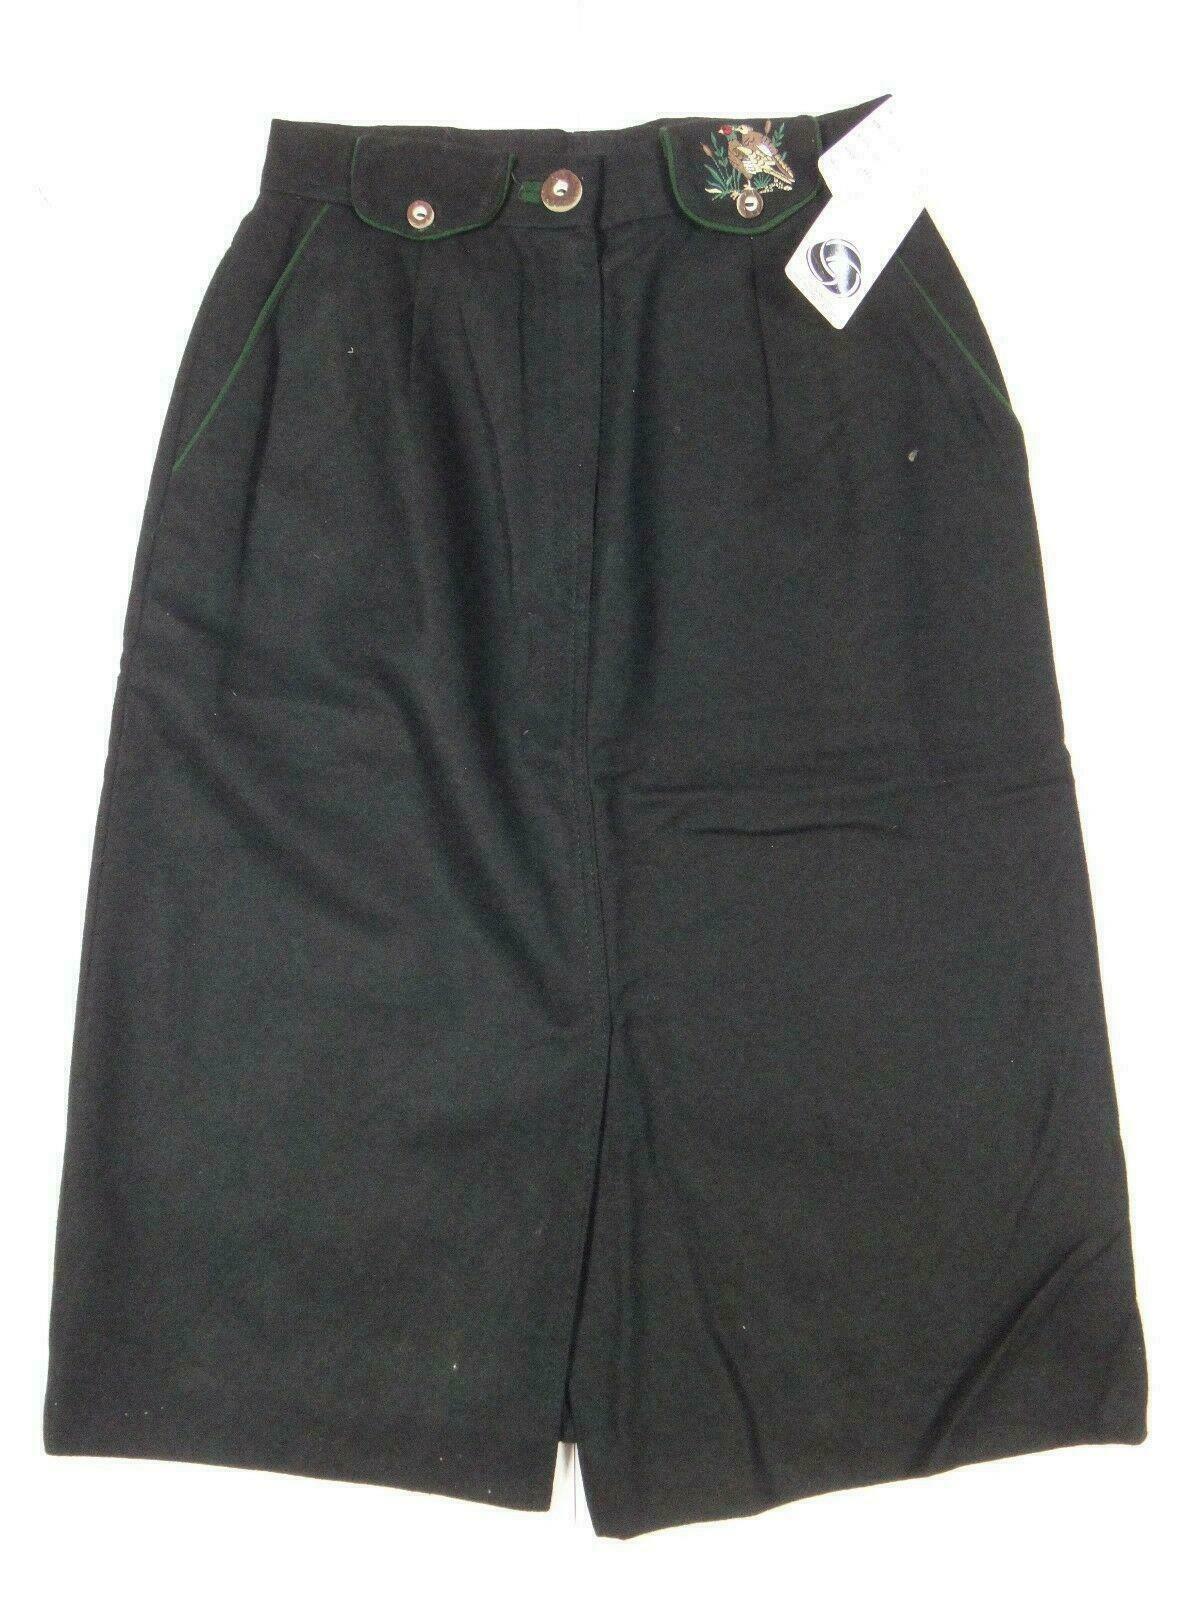 12599 Womens Skirt Hammerschmid Model Lech Size 36 Black